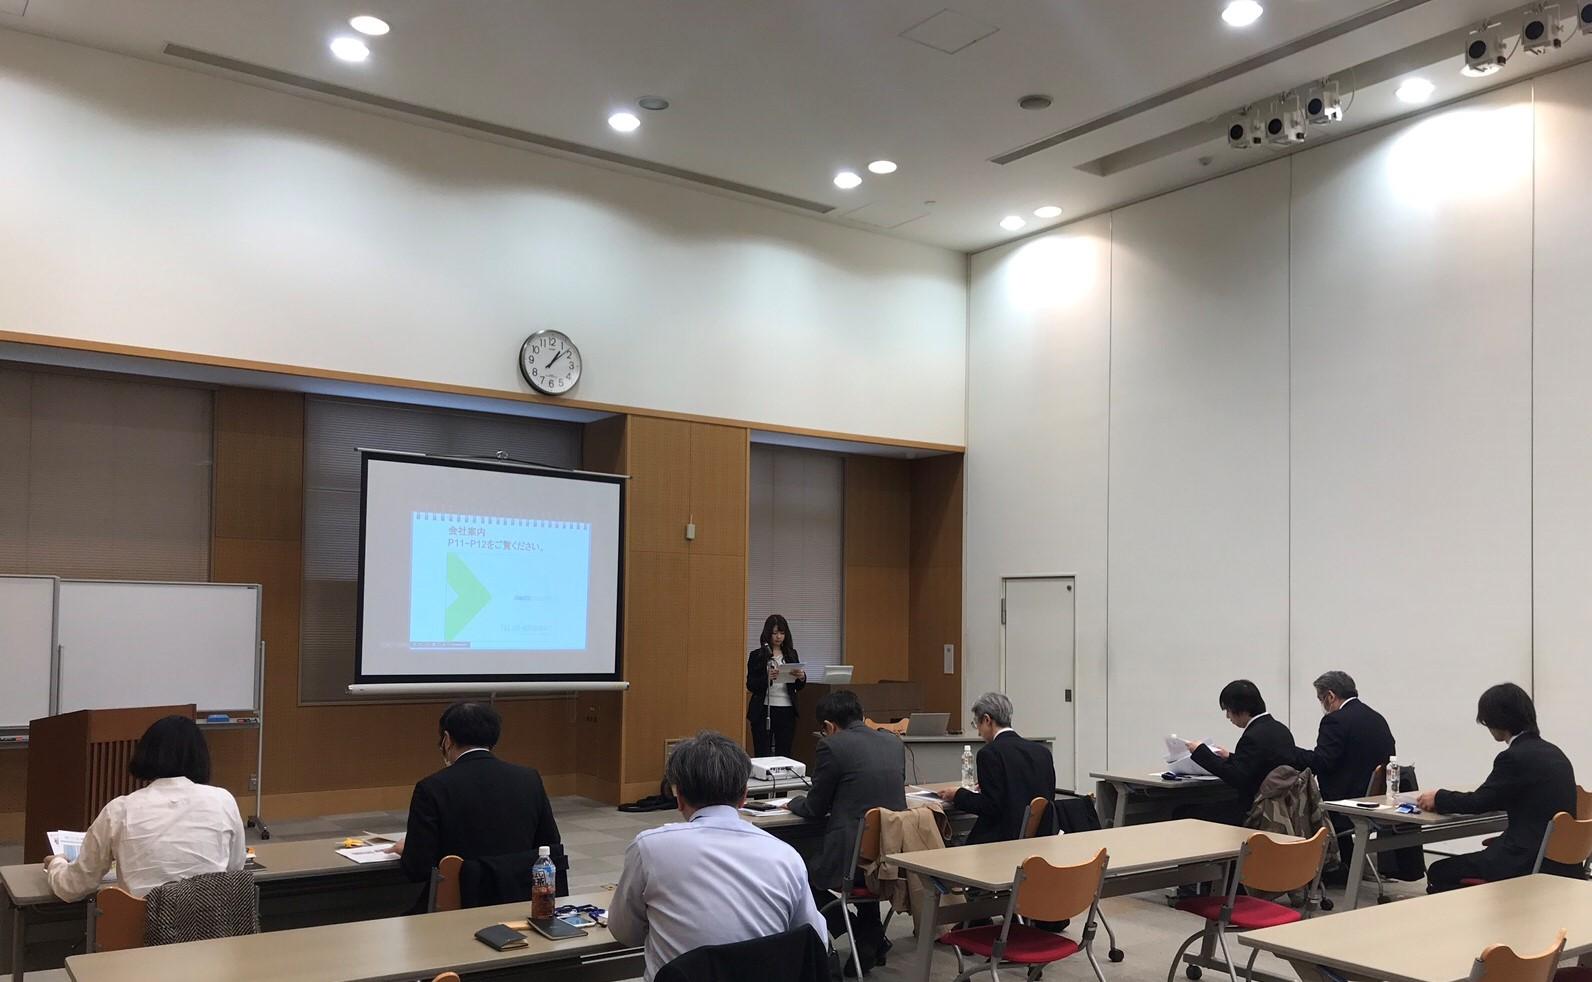 第57回学べる倉庫見学会スケジュール紹介